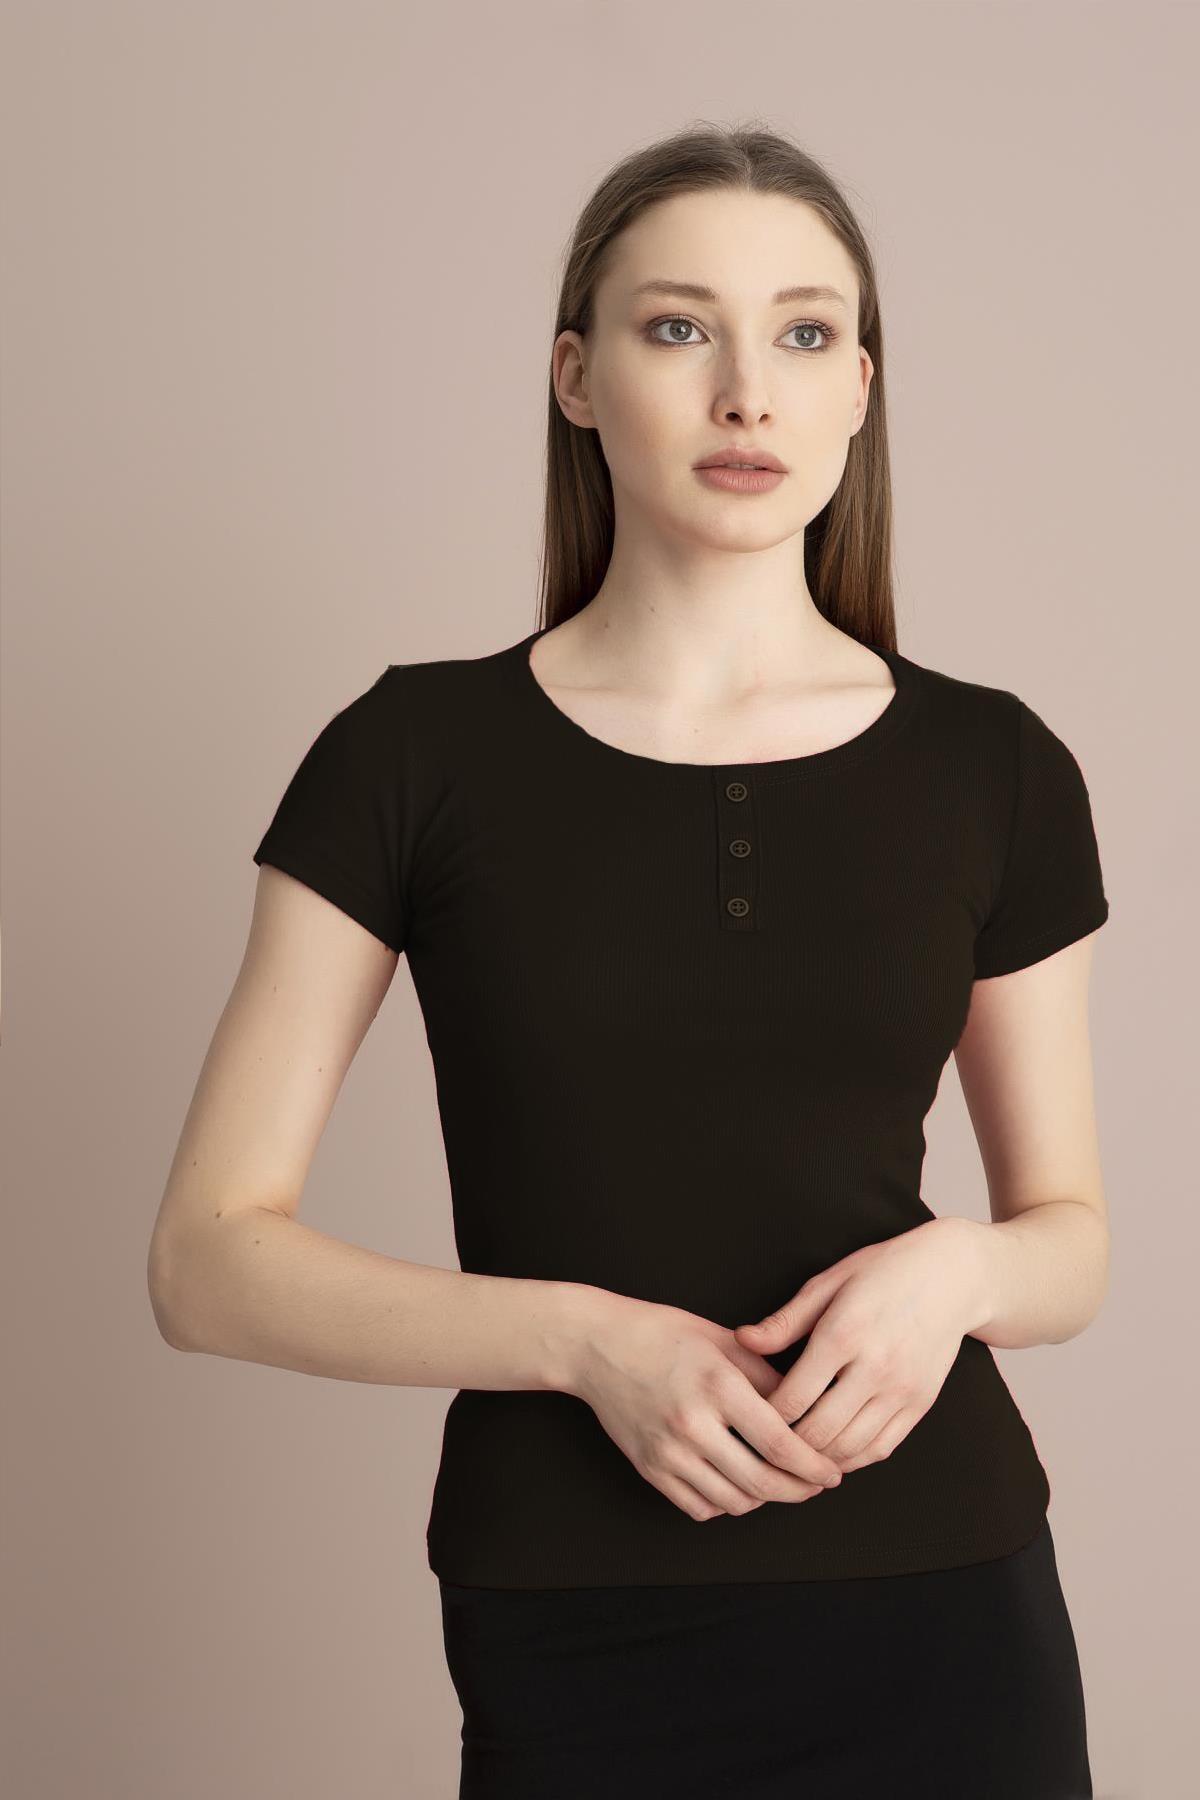 TENA MODA Kadın Haki Kısa Kollu Kaşkorse Önü Batlı Bluz 2